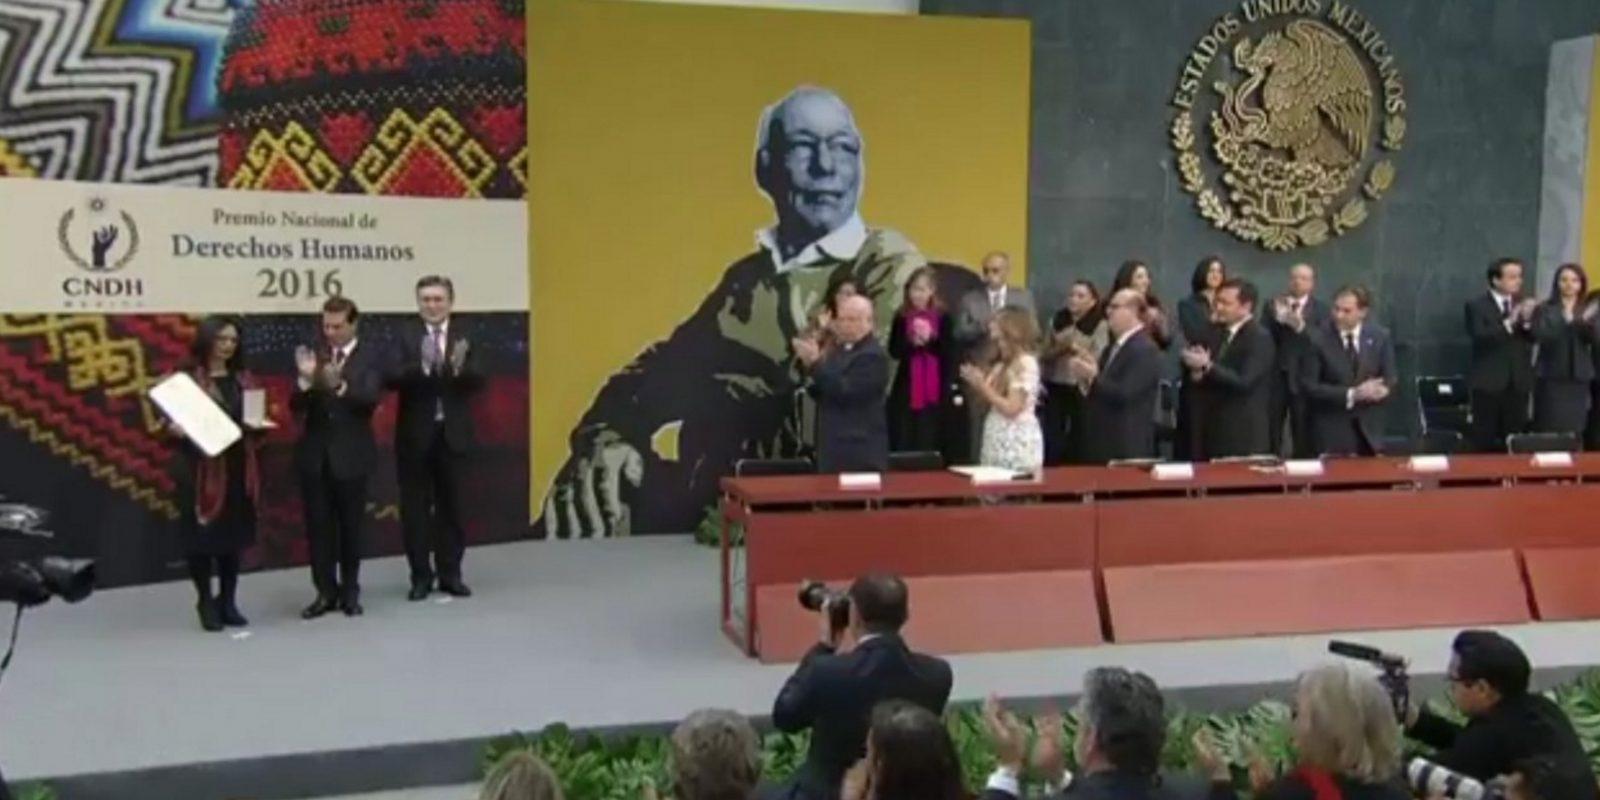 El presidente Enrique Peña Nieto entregó el Premio Nacional de Derechos Humanos 2016. Imagen Por: Twitter